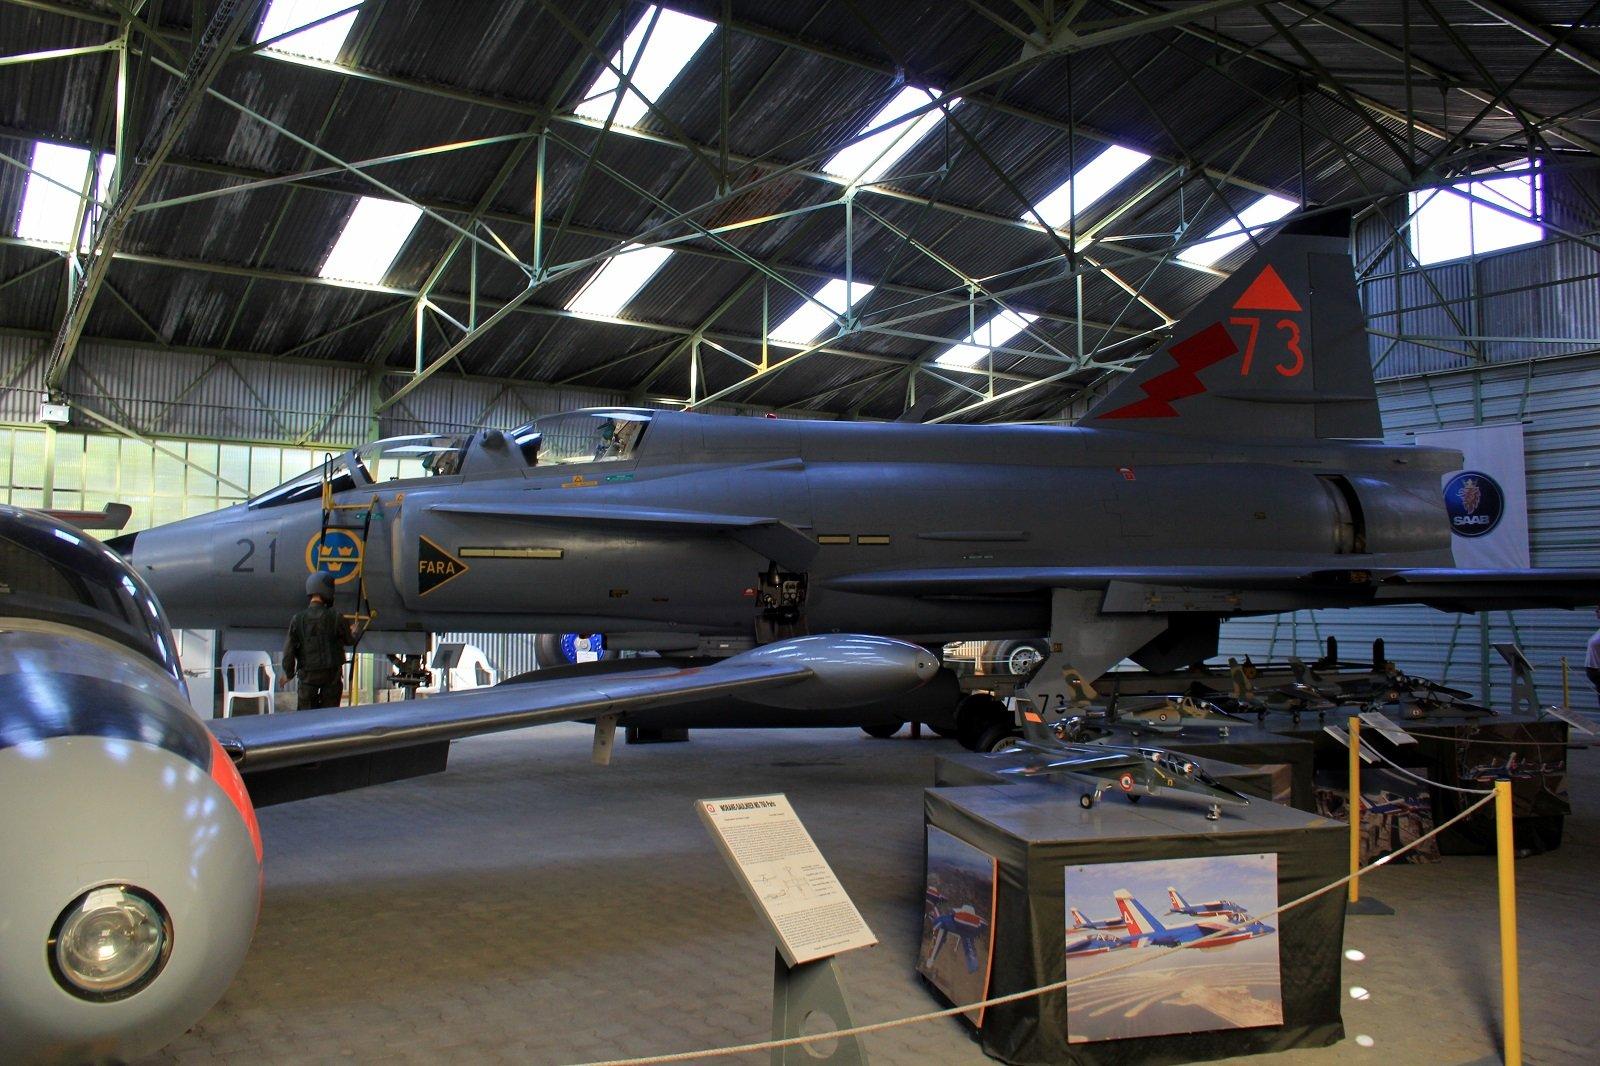 musée de l'aviation de chasse de Montelimar  - Page 2 191030070555813397